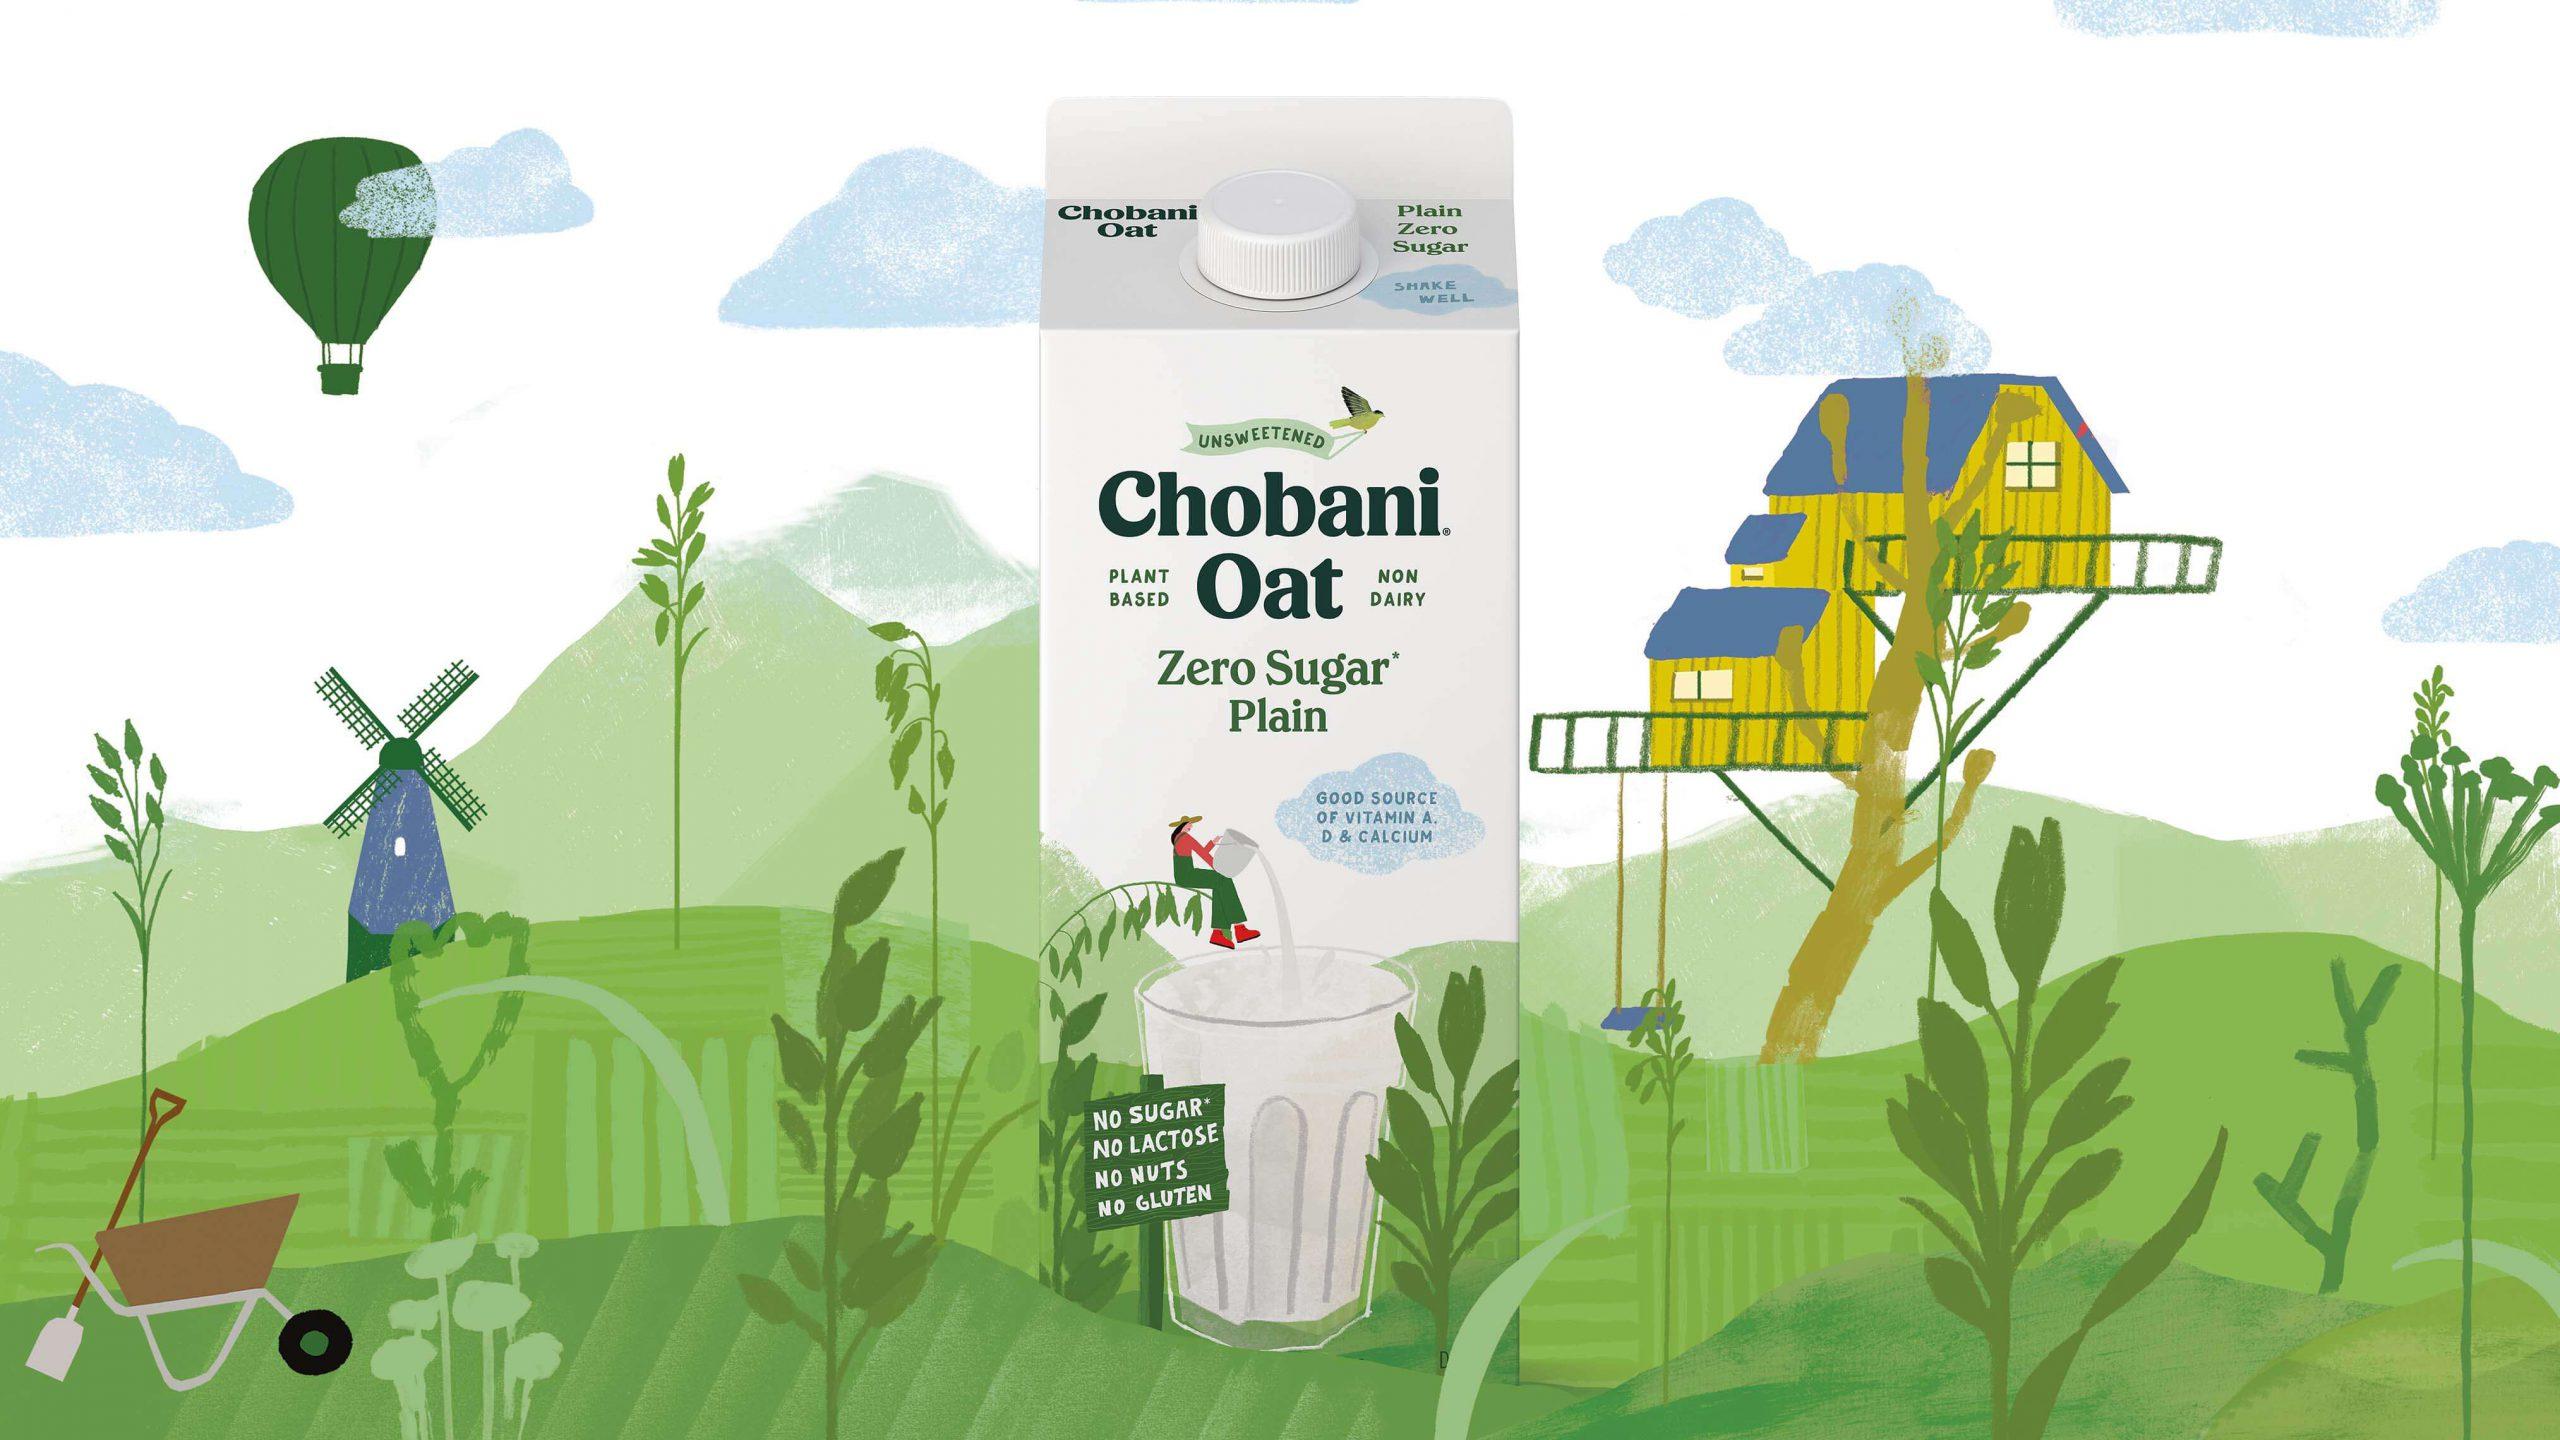 Chobani Zero Sugar Oat Milk